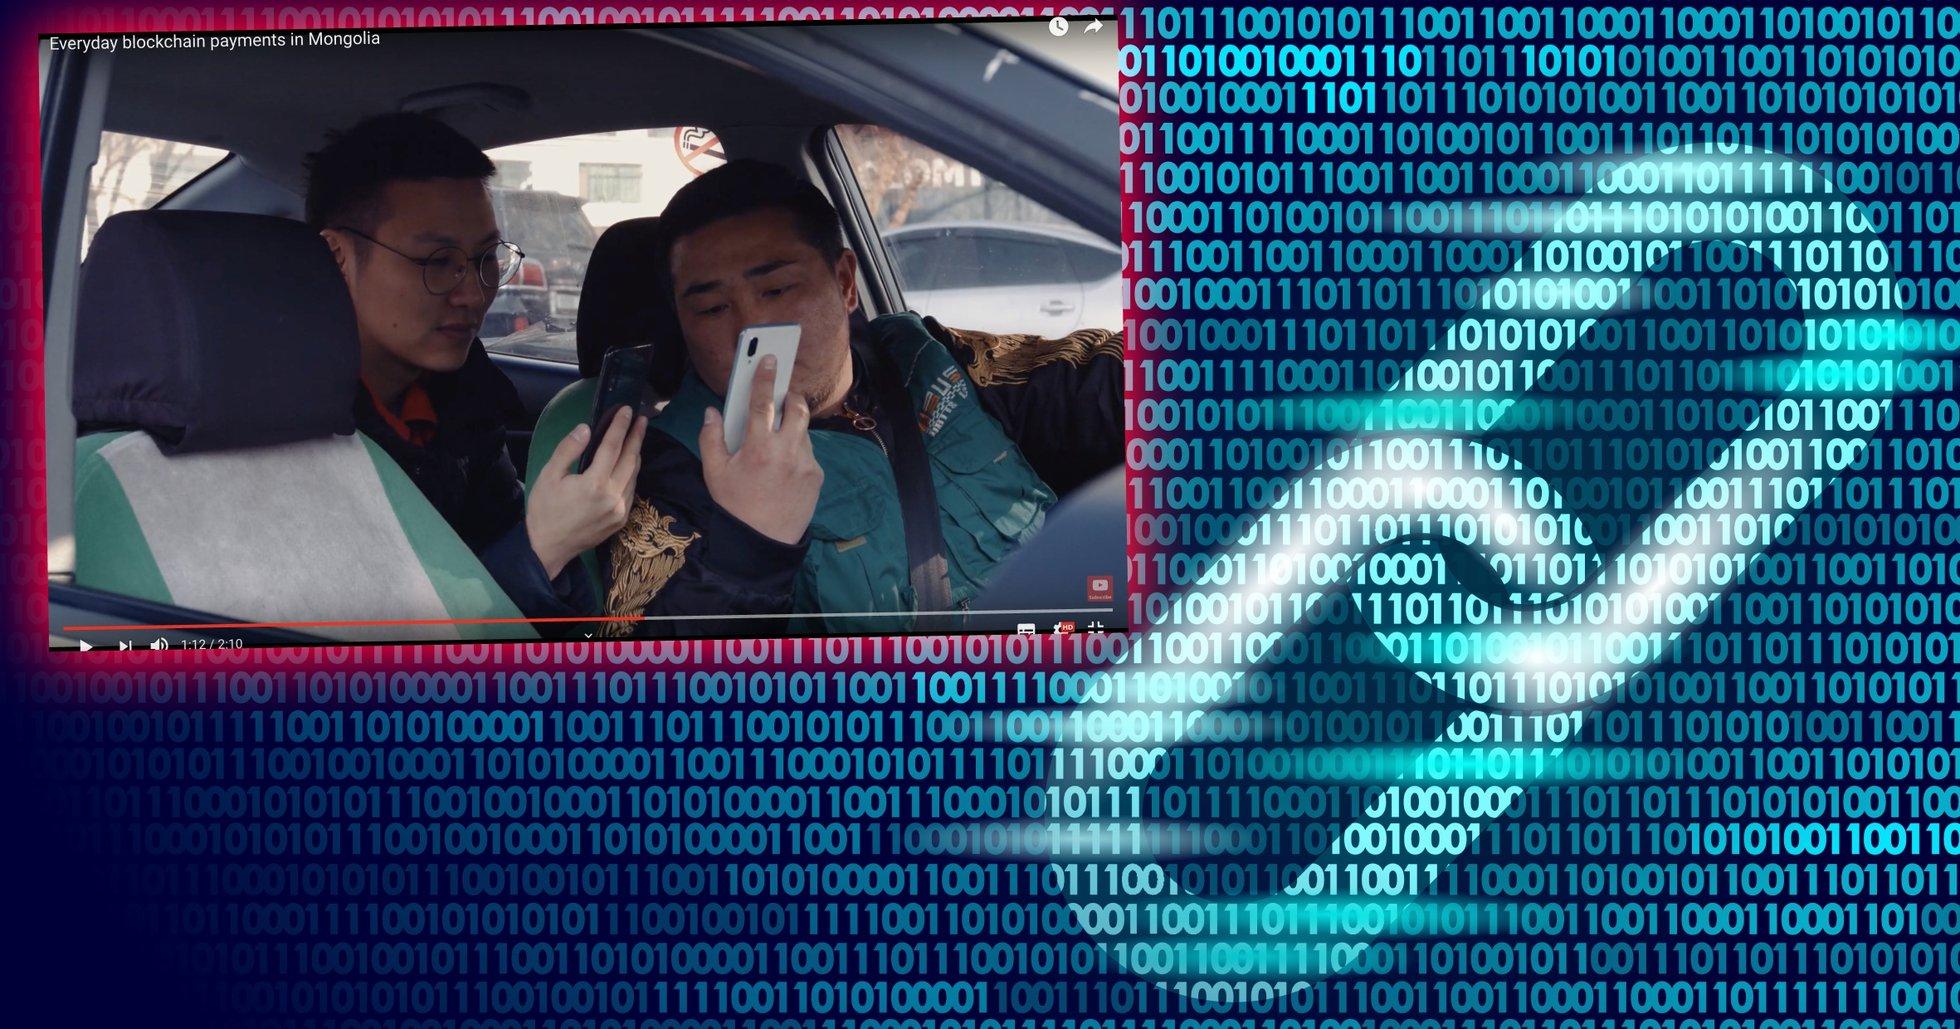 Nu kan du använda ett stablecoin för att betala dina taxiresor i Mongoliet